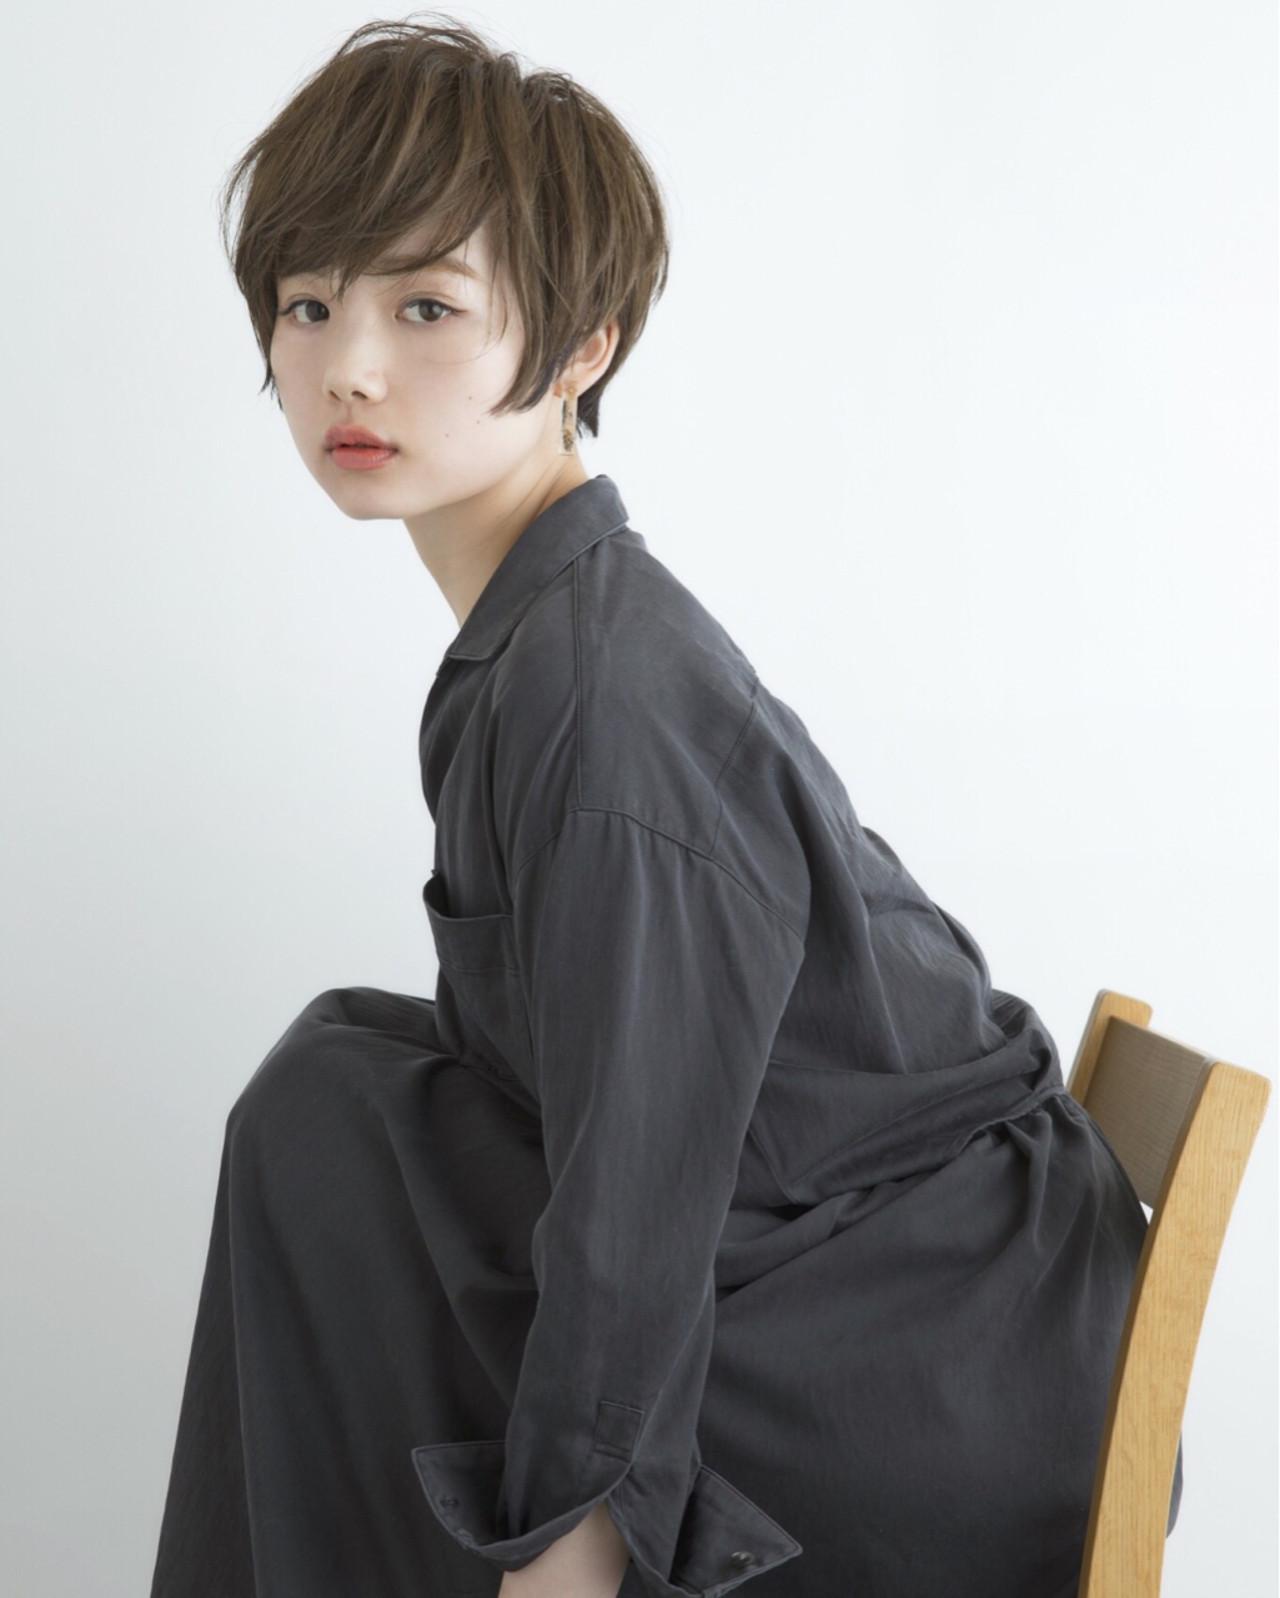 似合わせ ショート ナチュラル 小顔 ヘアスタイルや髪型の写真・画像